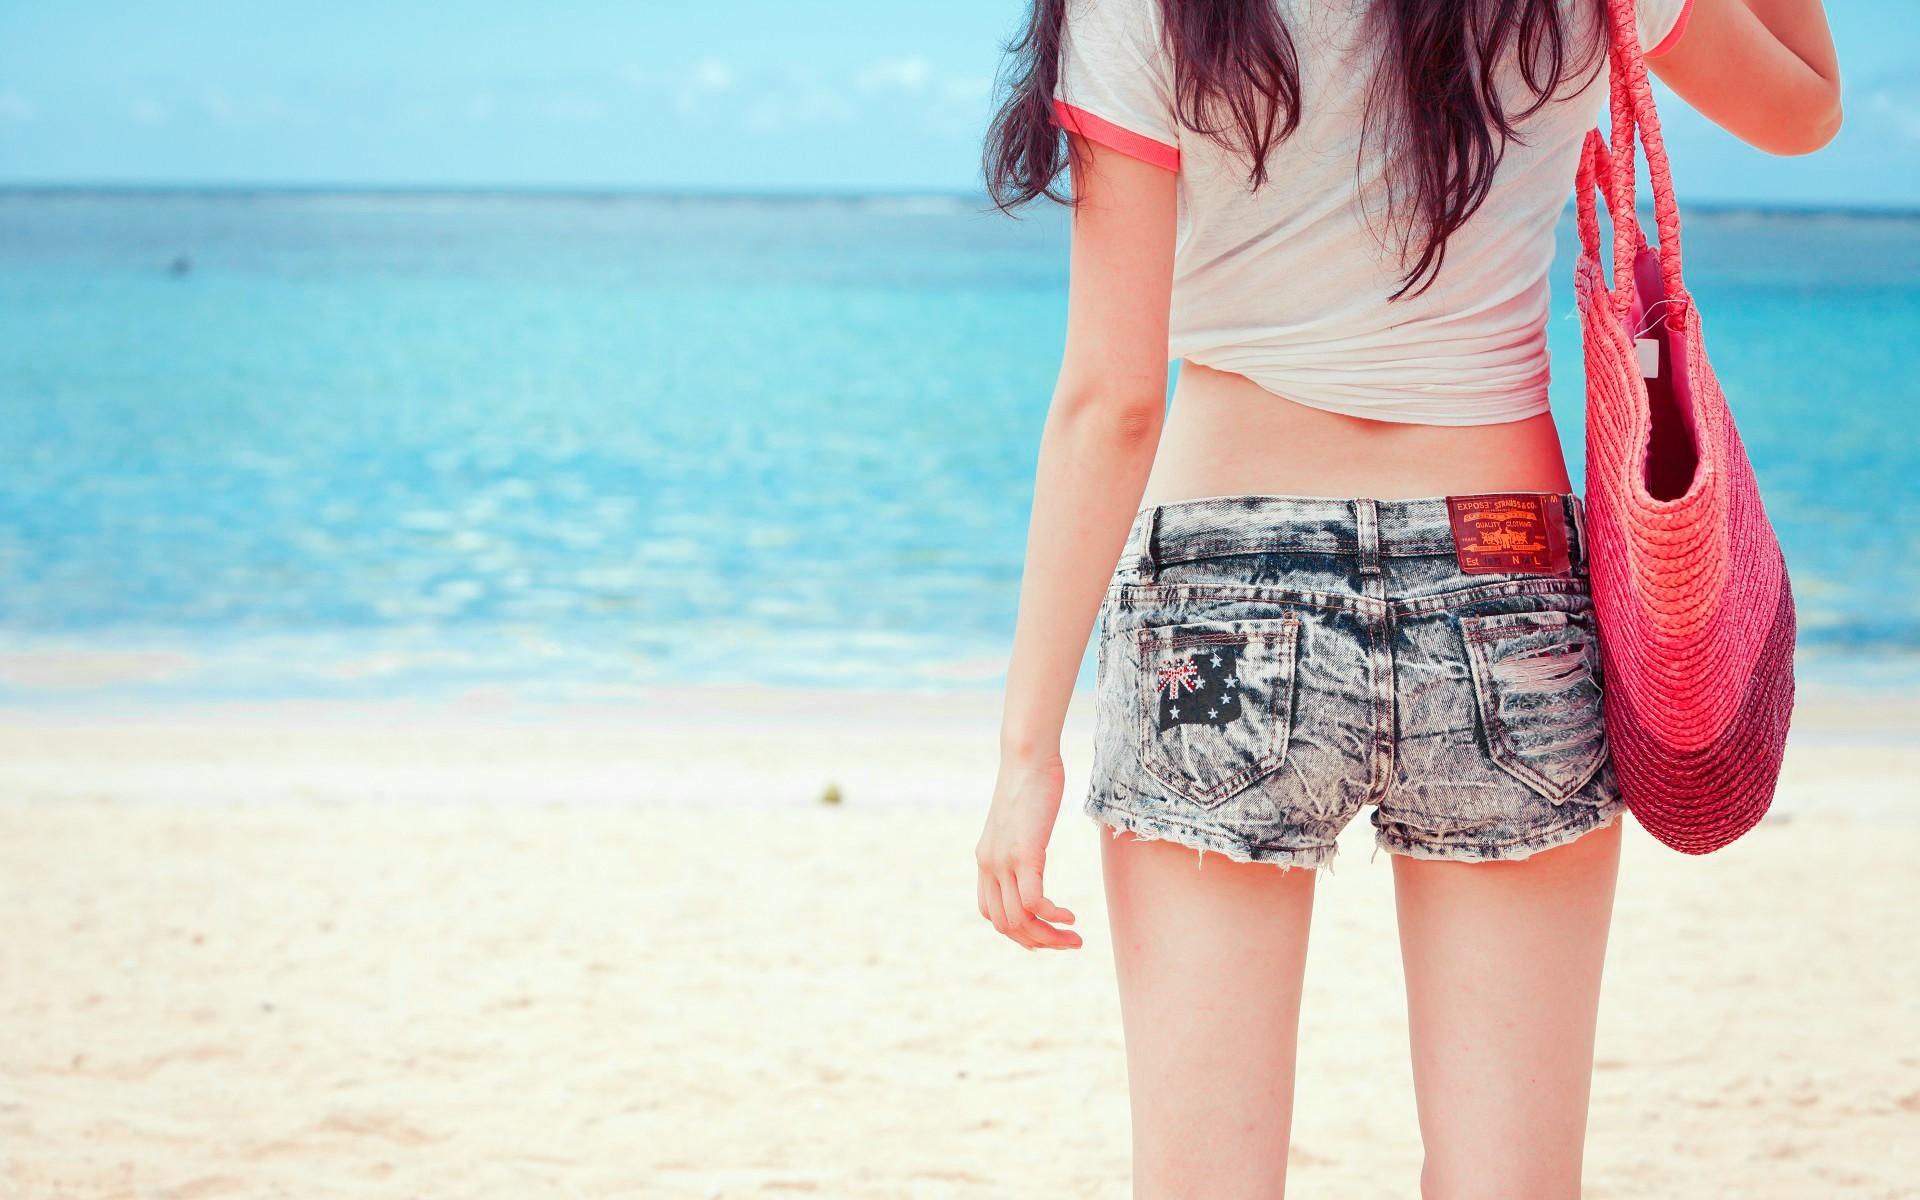 Пляжные мужские шорты (71 фото) 2018: короткие и брендовые